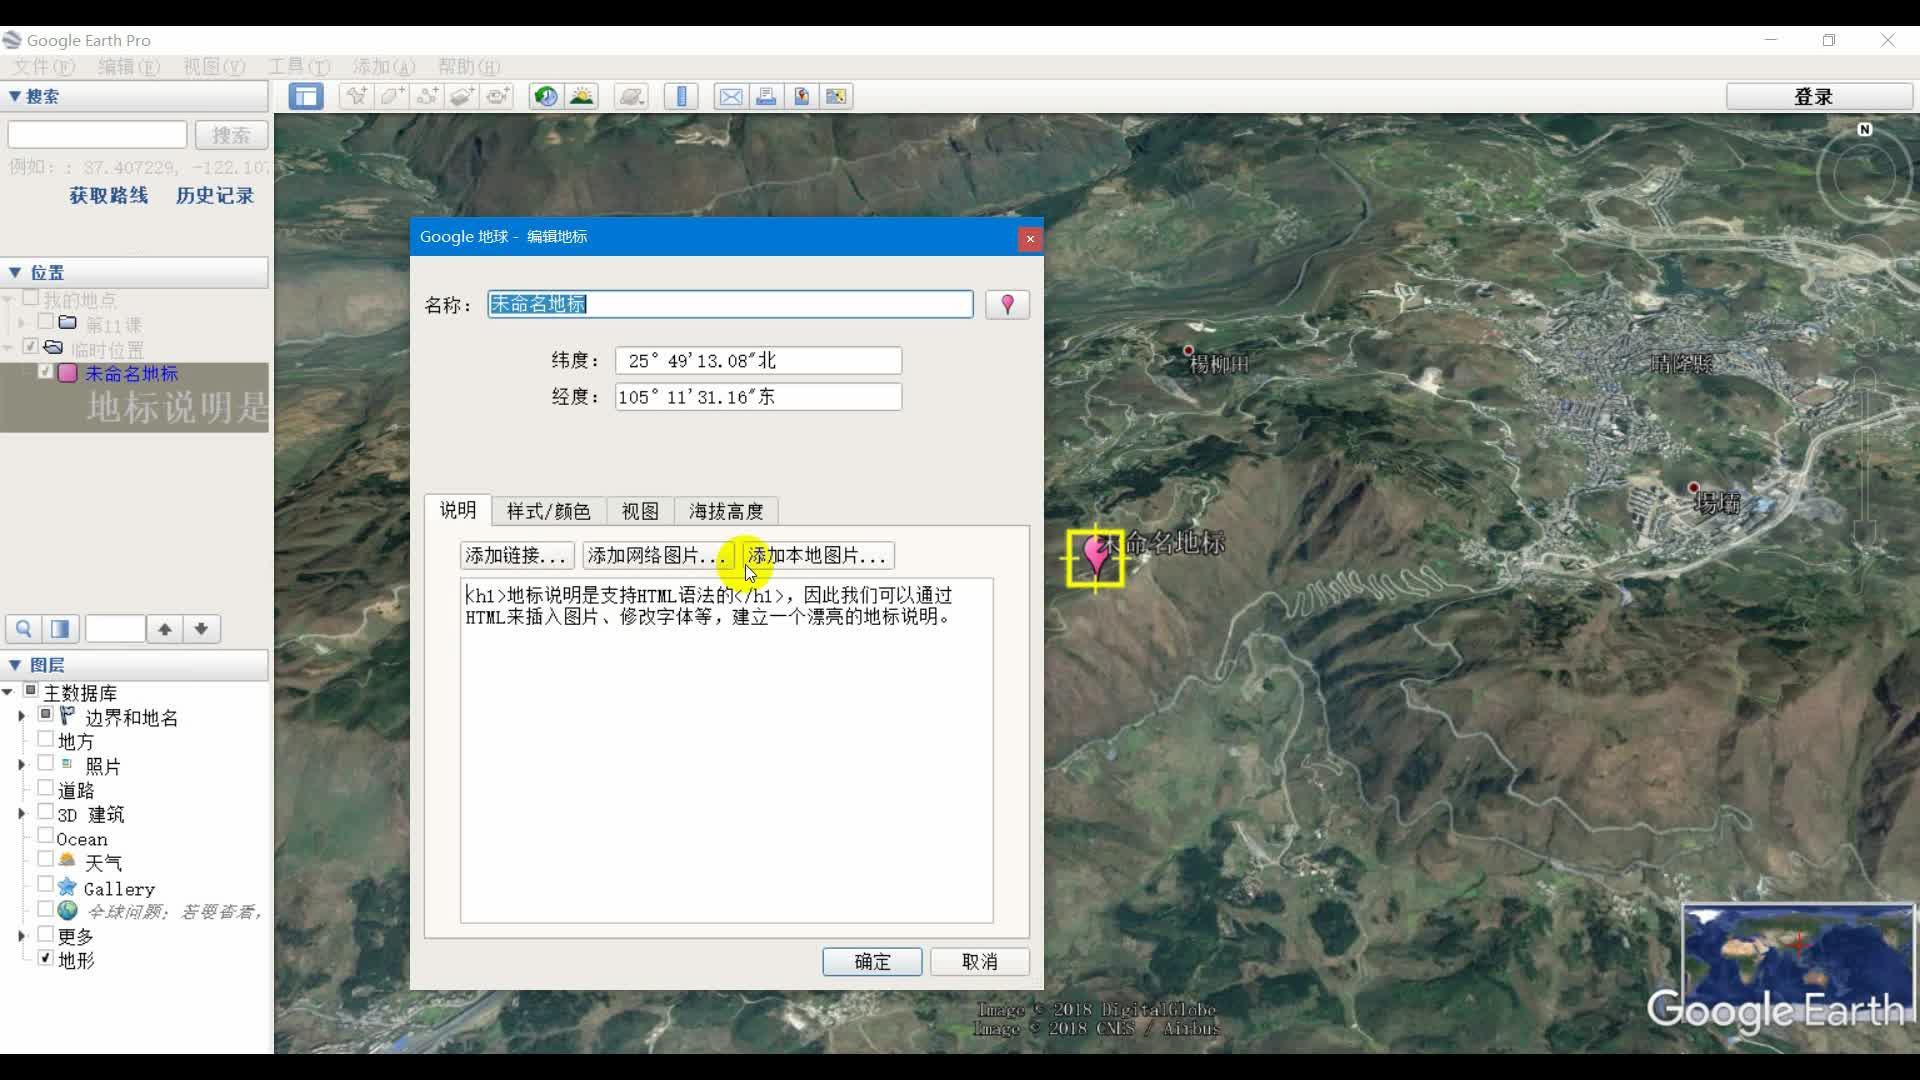 11地标说明高阶应用——本地视频动画嵌入方法解析-《玩转谷歌地球——Google Earth地理教学应用培训教程》